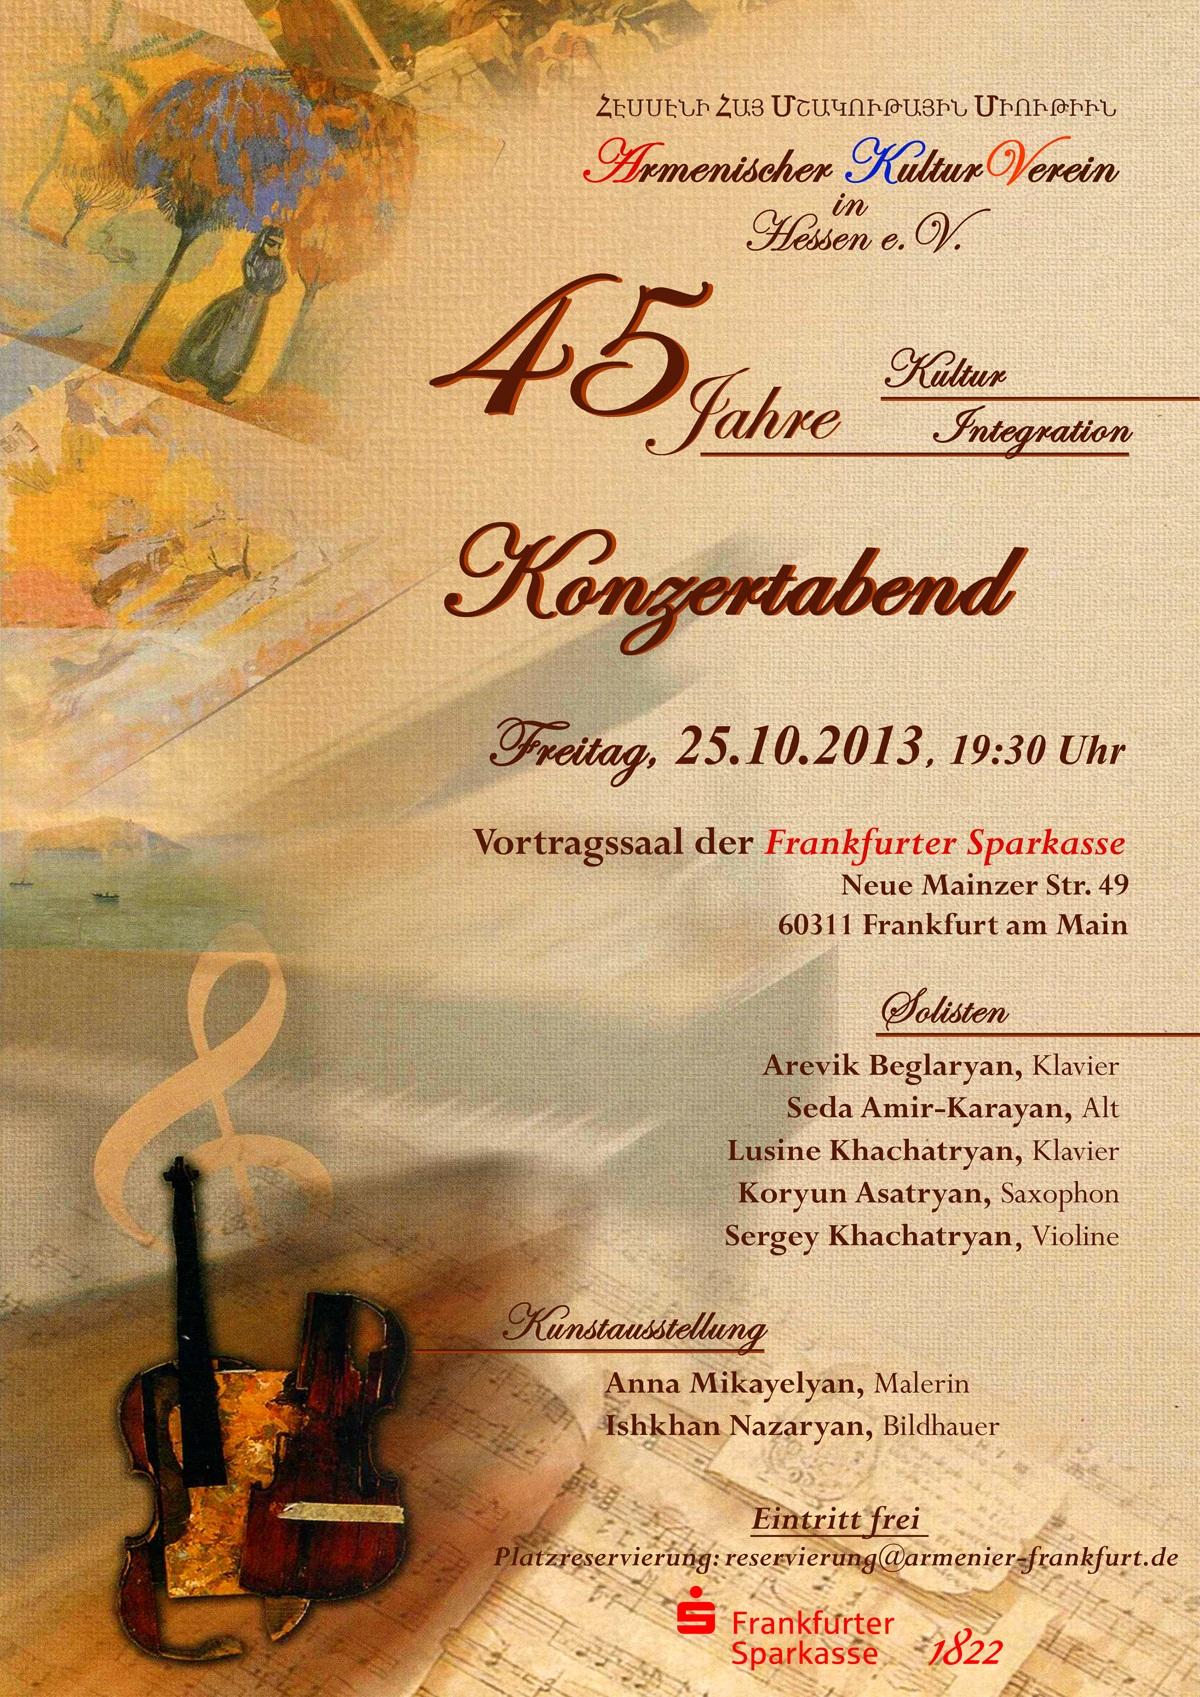 AKV 45 Jahre Einladung